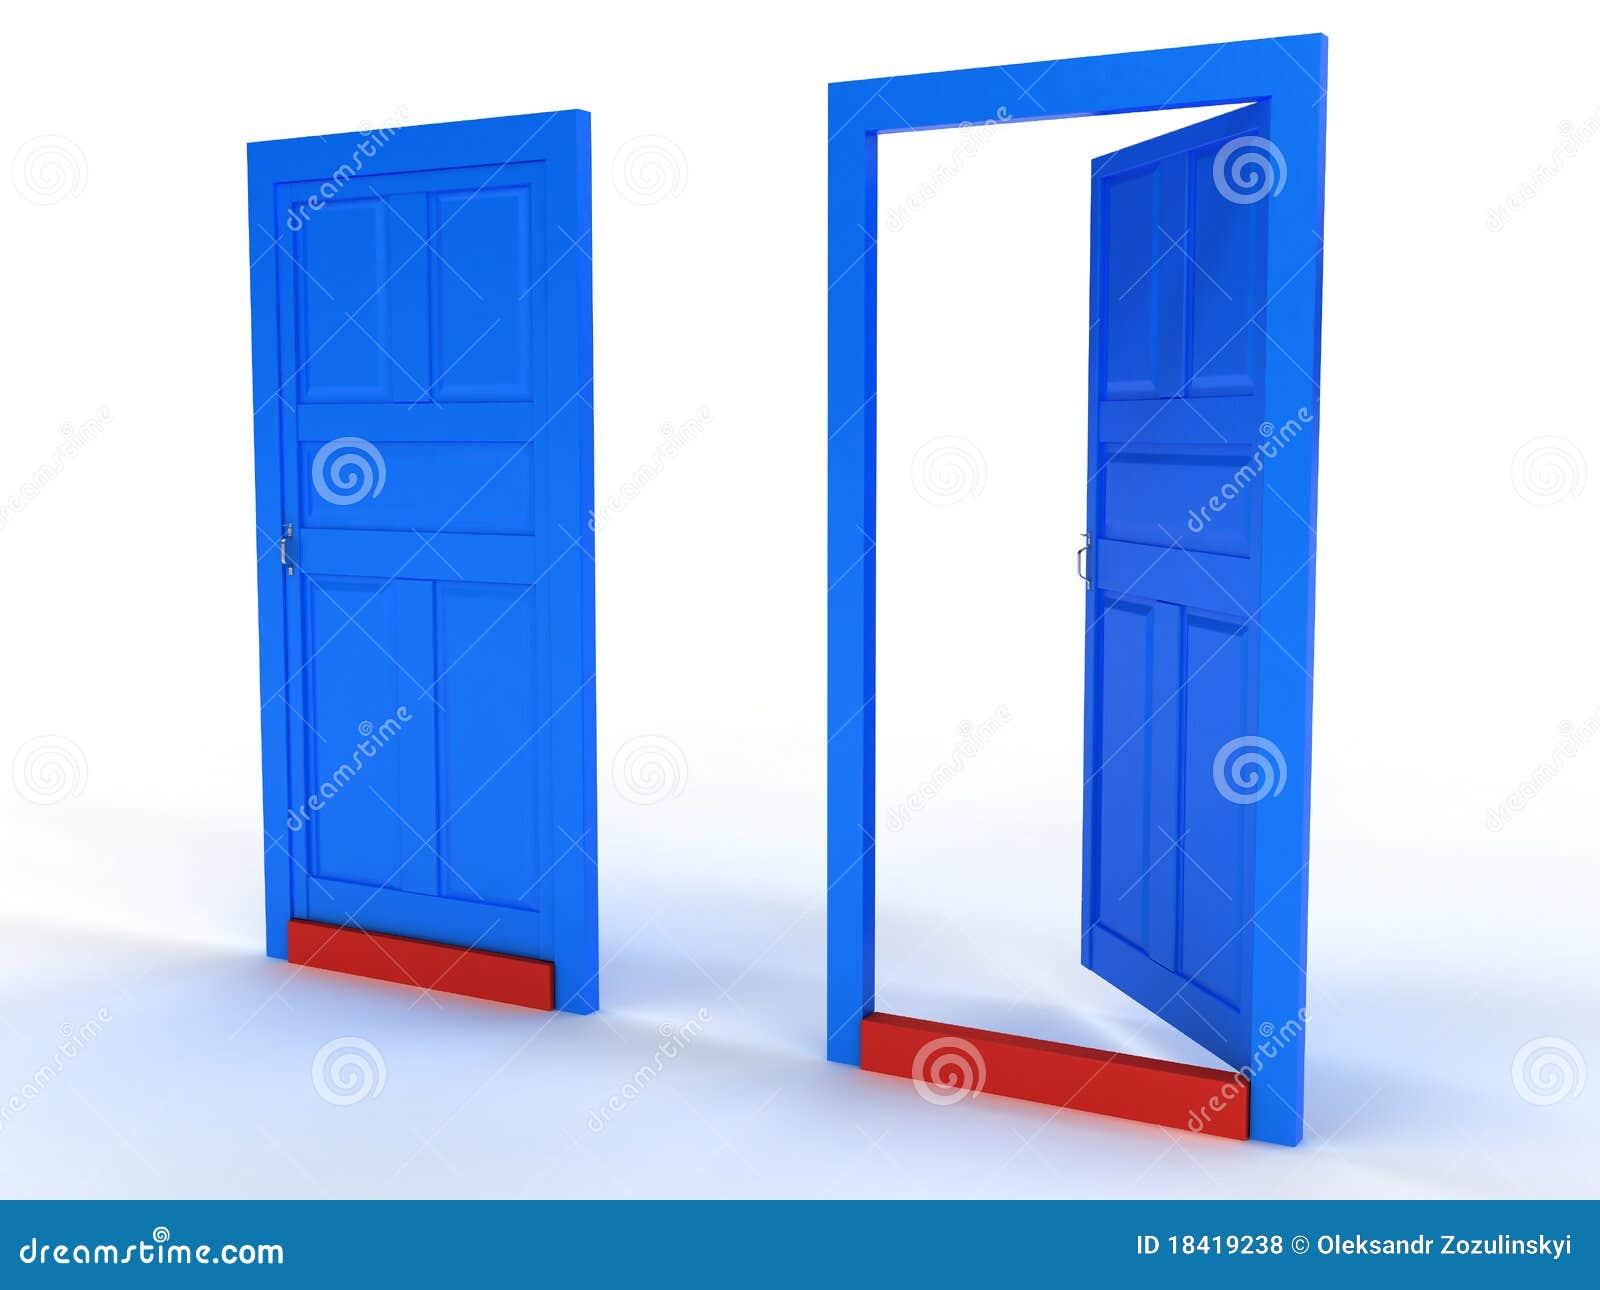 Open Door Clipart Two Blue Doors Open And Closed